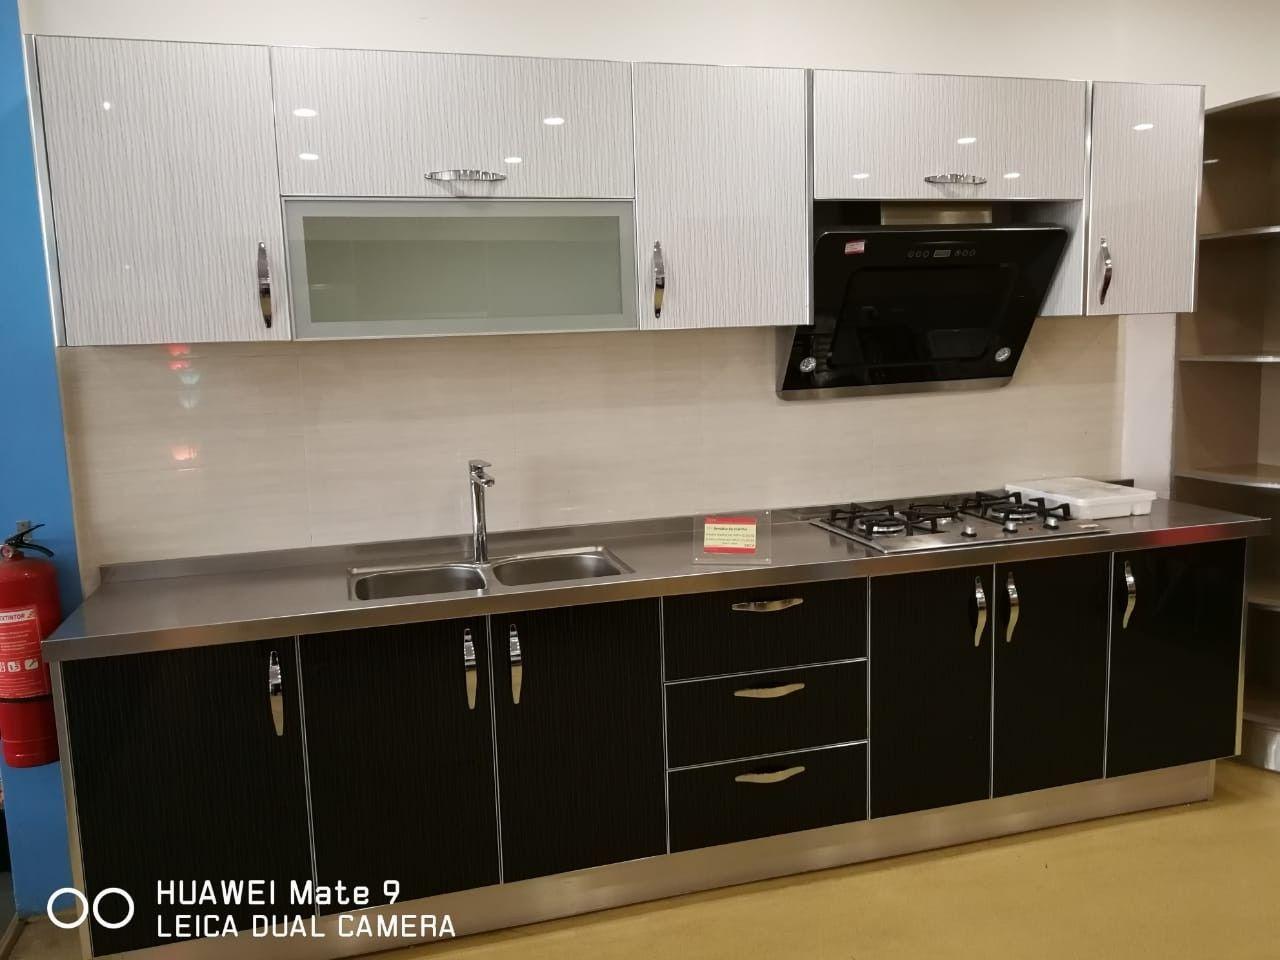 Cozinha Inox Prestige Home Decor Decor Kitchen Cabinets Home Decor